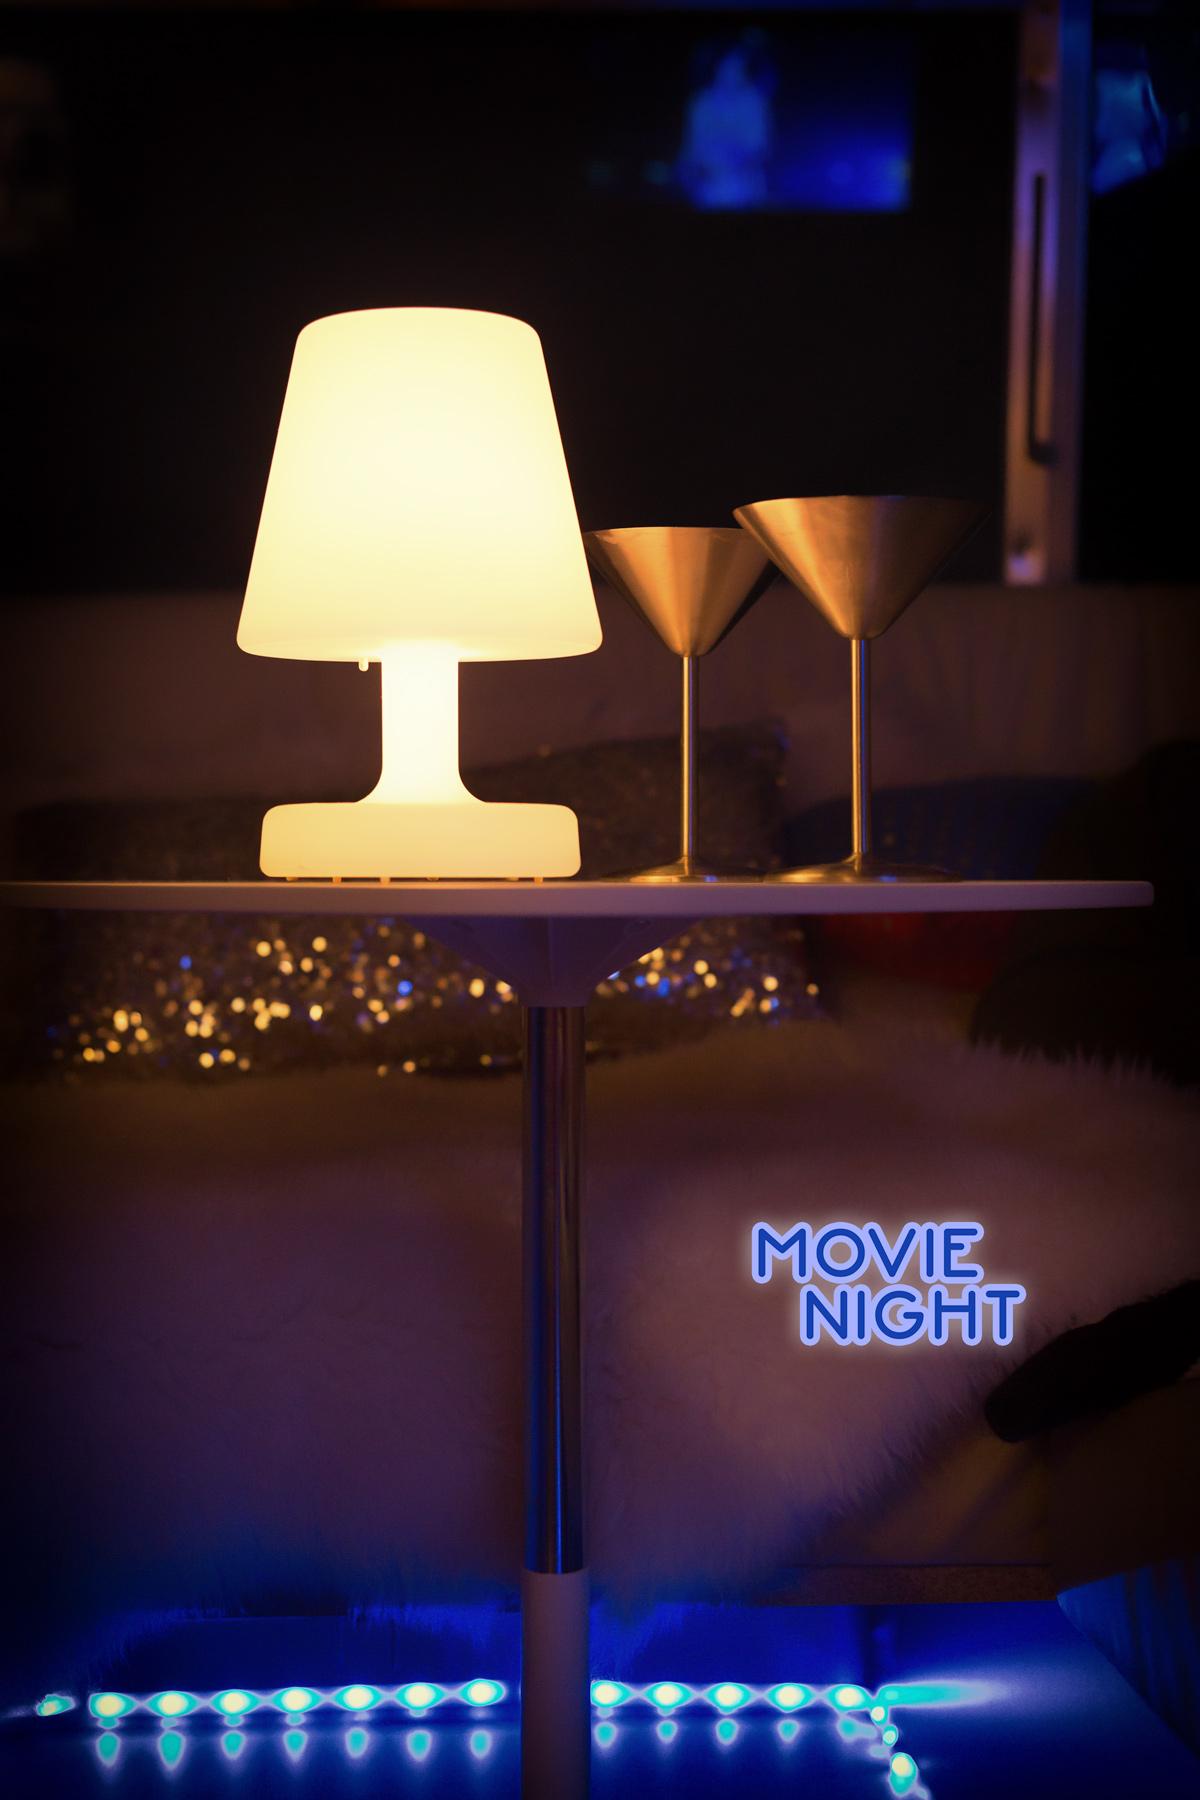 Airstream Movie Night via J5MM.com